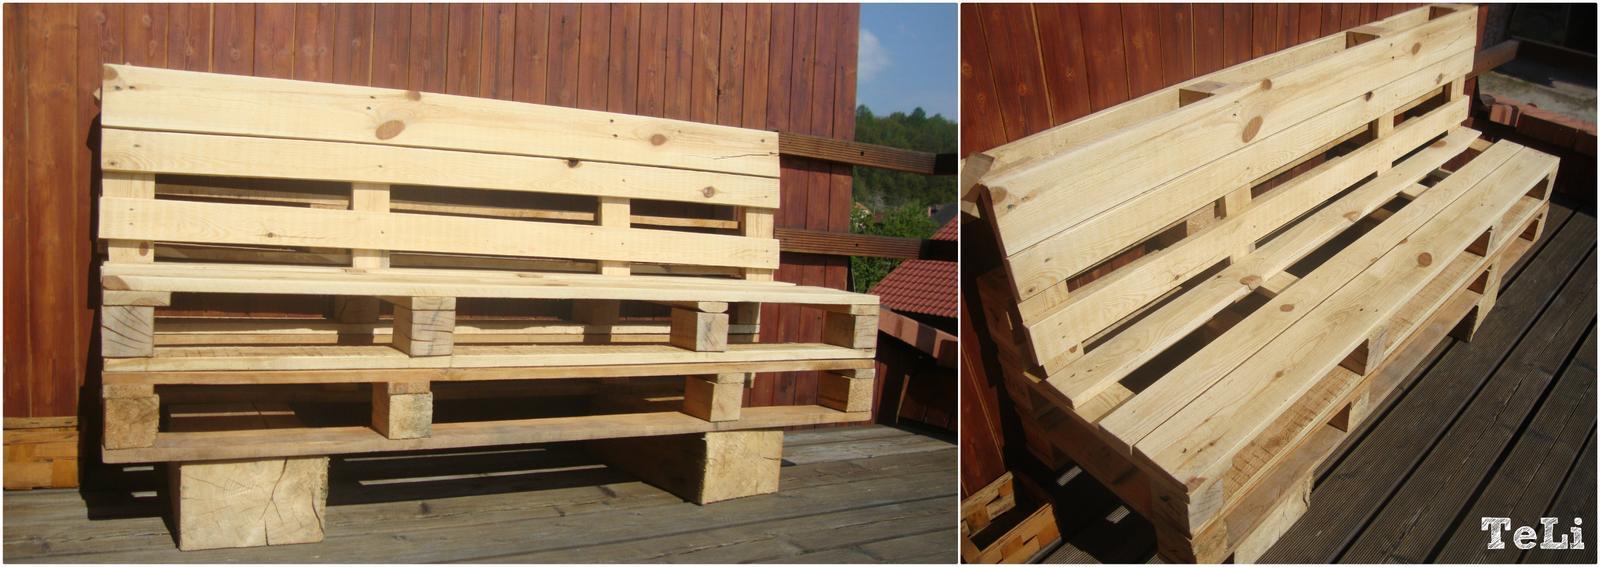 Paletová lavička - natřená a na místě :) ještě zbývá sešroubovat